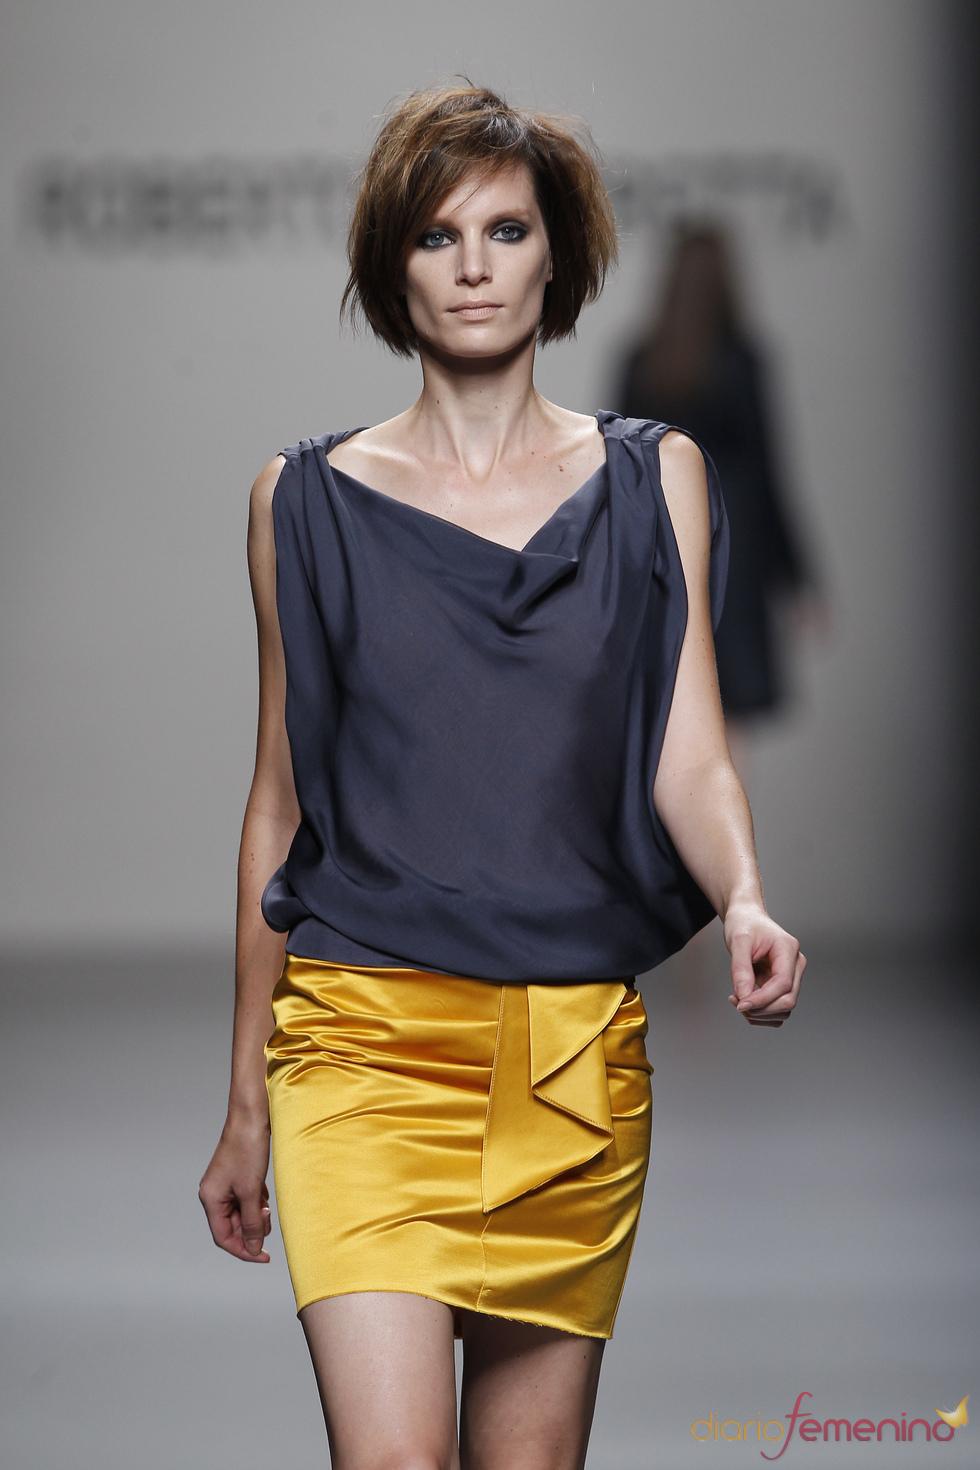 http://www.diariofemenino.com/images/galeria/7000/7847_roberto-torretta-apuesta-por-el-color-mostaza-en-cibeles-madrid-fashion-week.jpg